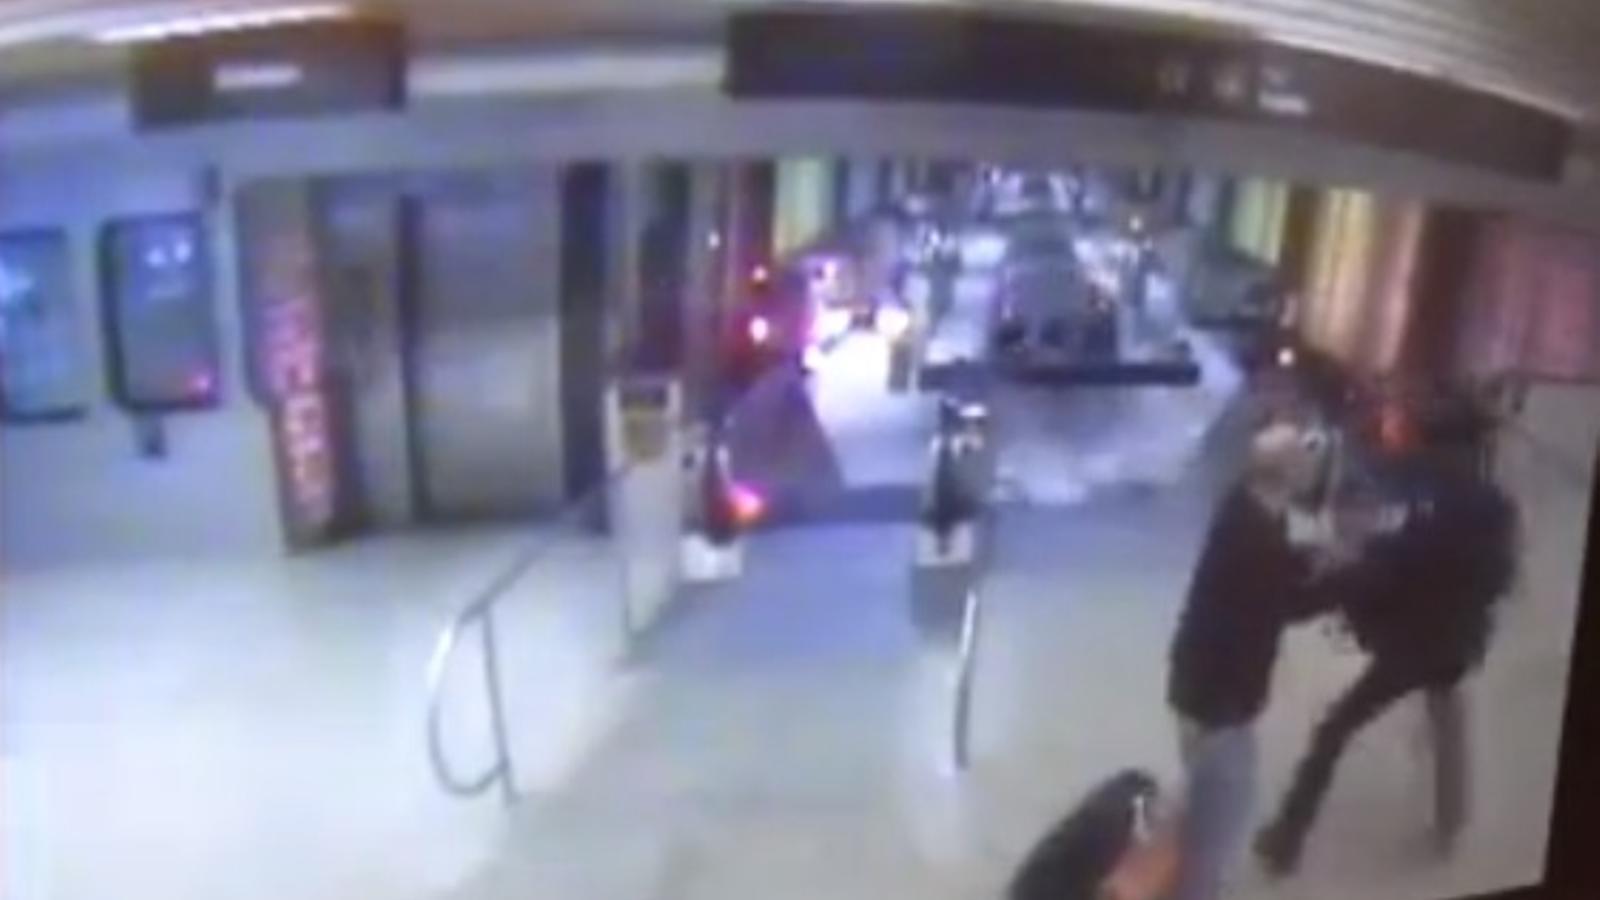 Una càmera de seguretat va captar el moment en què descarrila un metro i s'encasta en una escala mecànica a Chicago